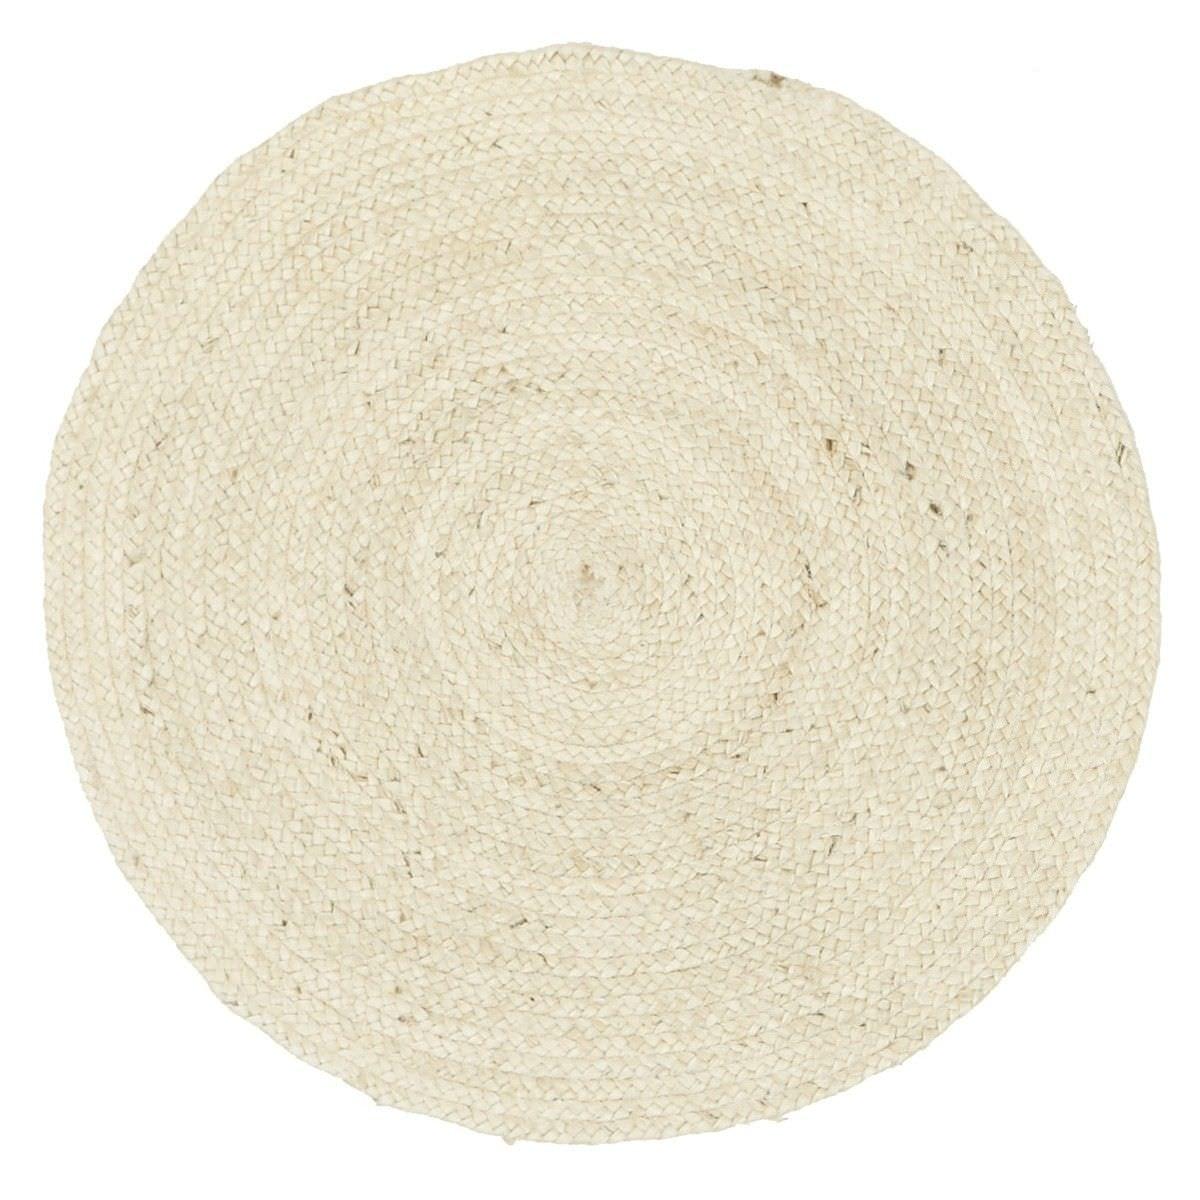 Atrium Polo Round Jute Rug, 240cm, Cream